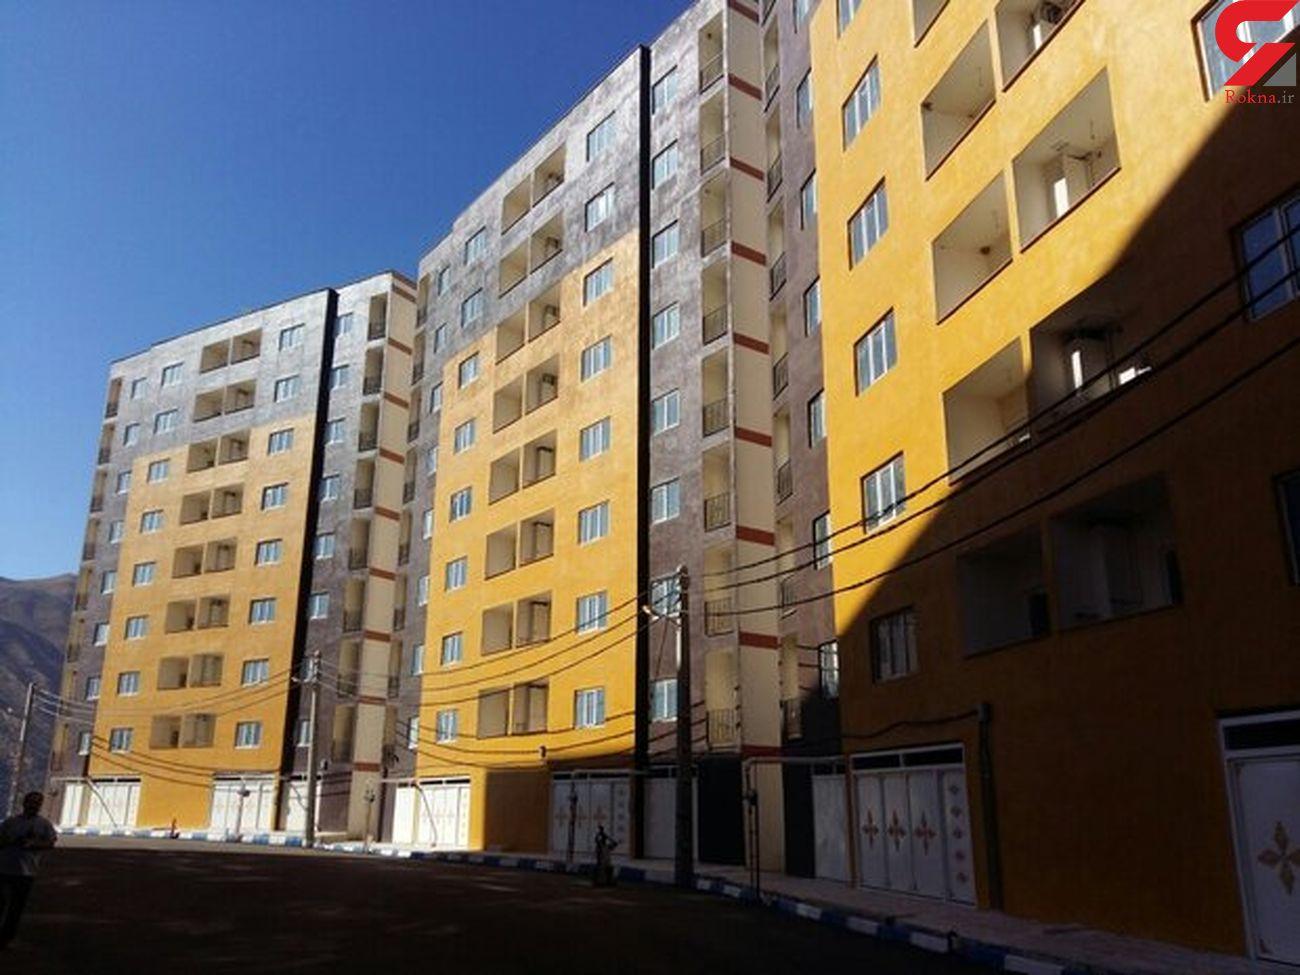 ساخت خانه های قوطی کبریتی با انبوهی از مشکلات در حاشیه شهرها    مسکن هایی بدون رفاه و امنیت